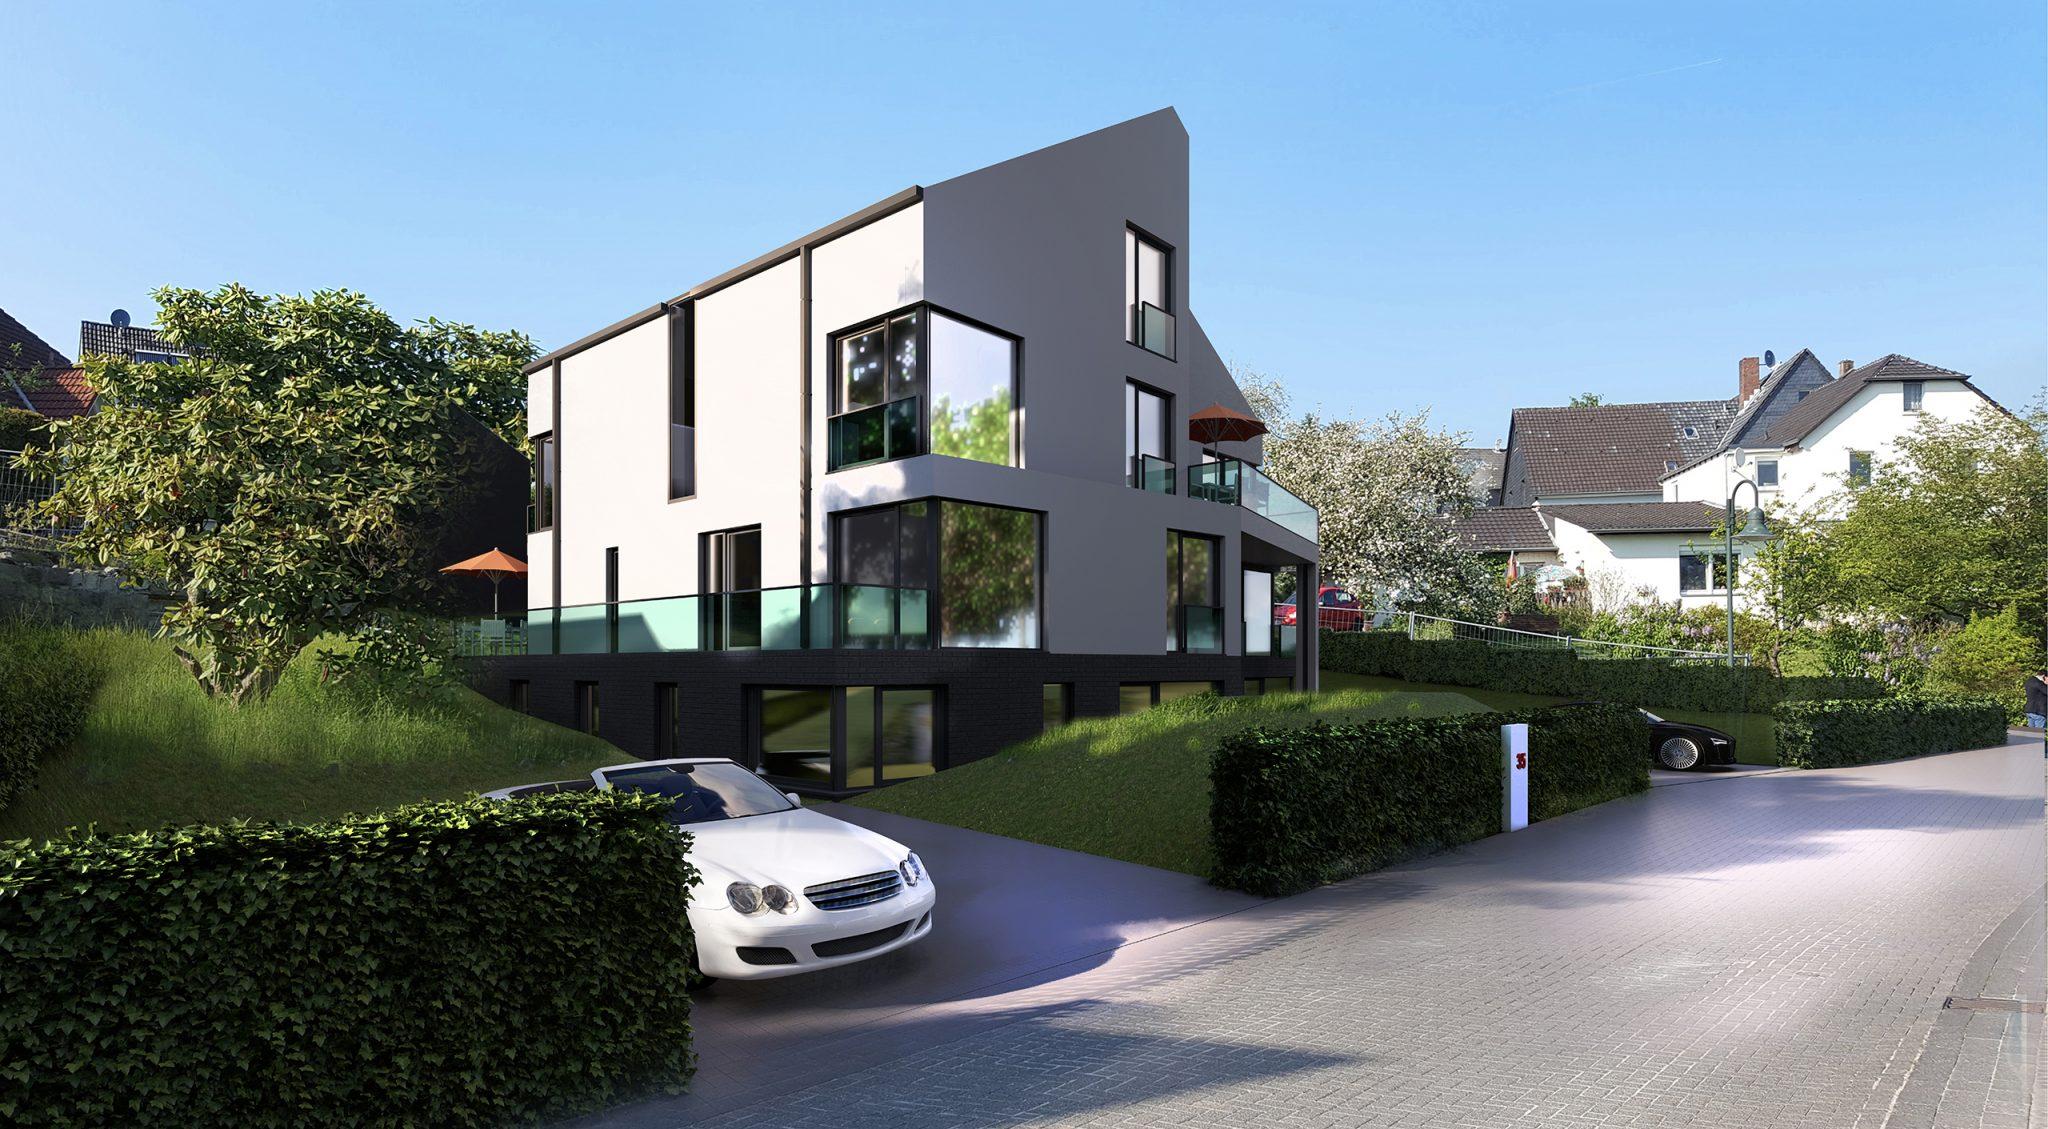 Stadtvilla Bleifeld